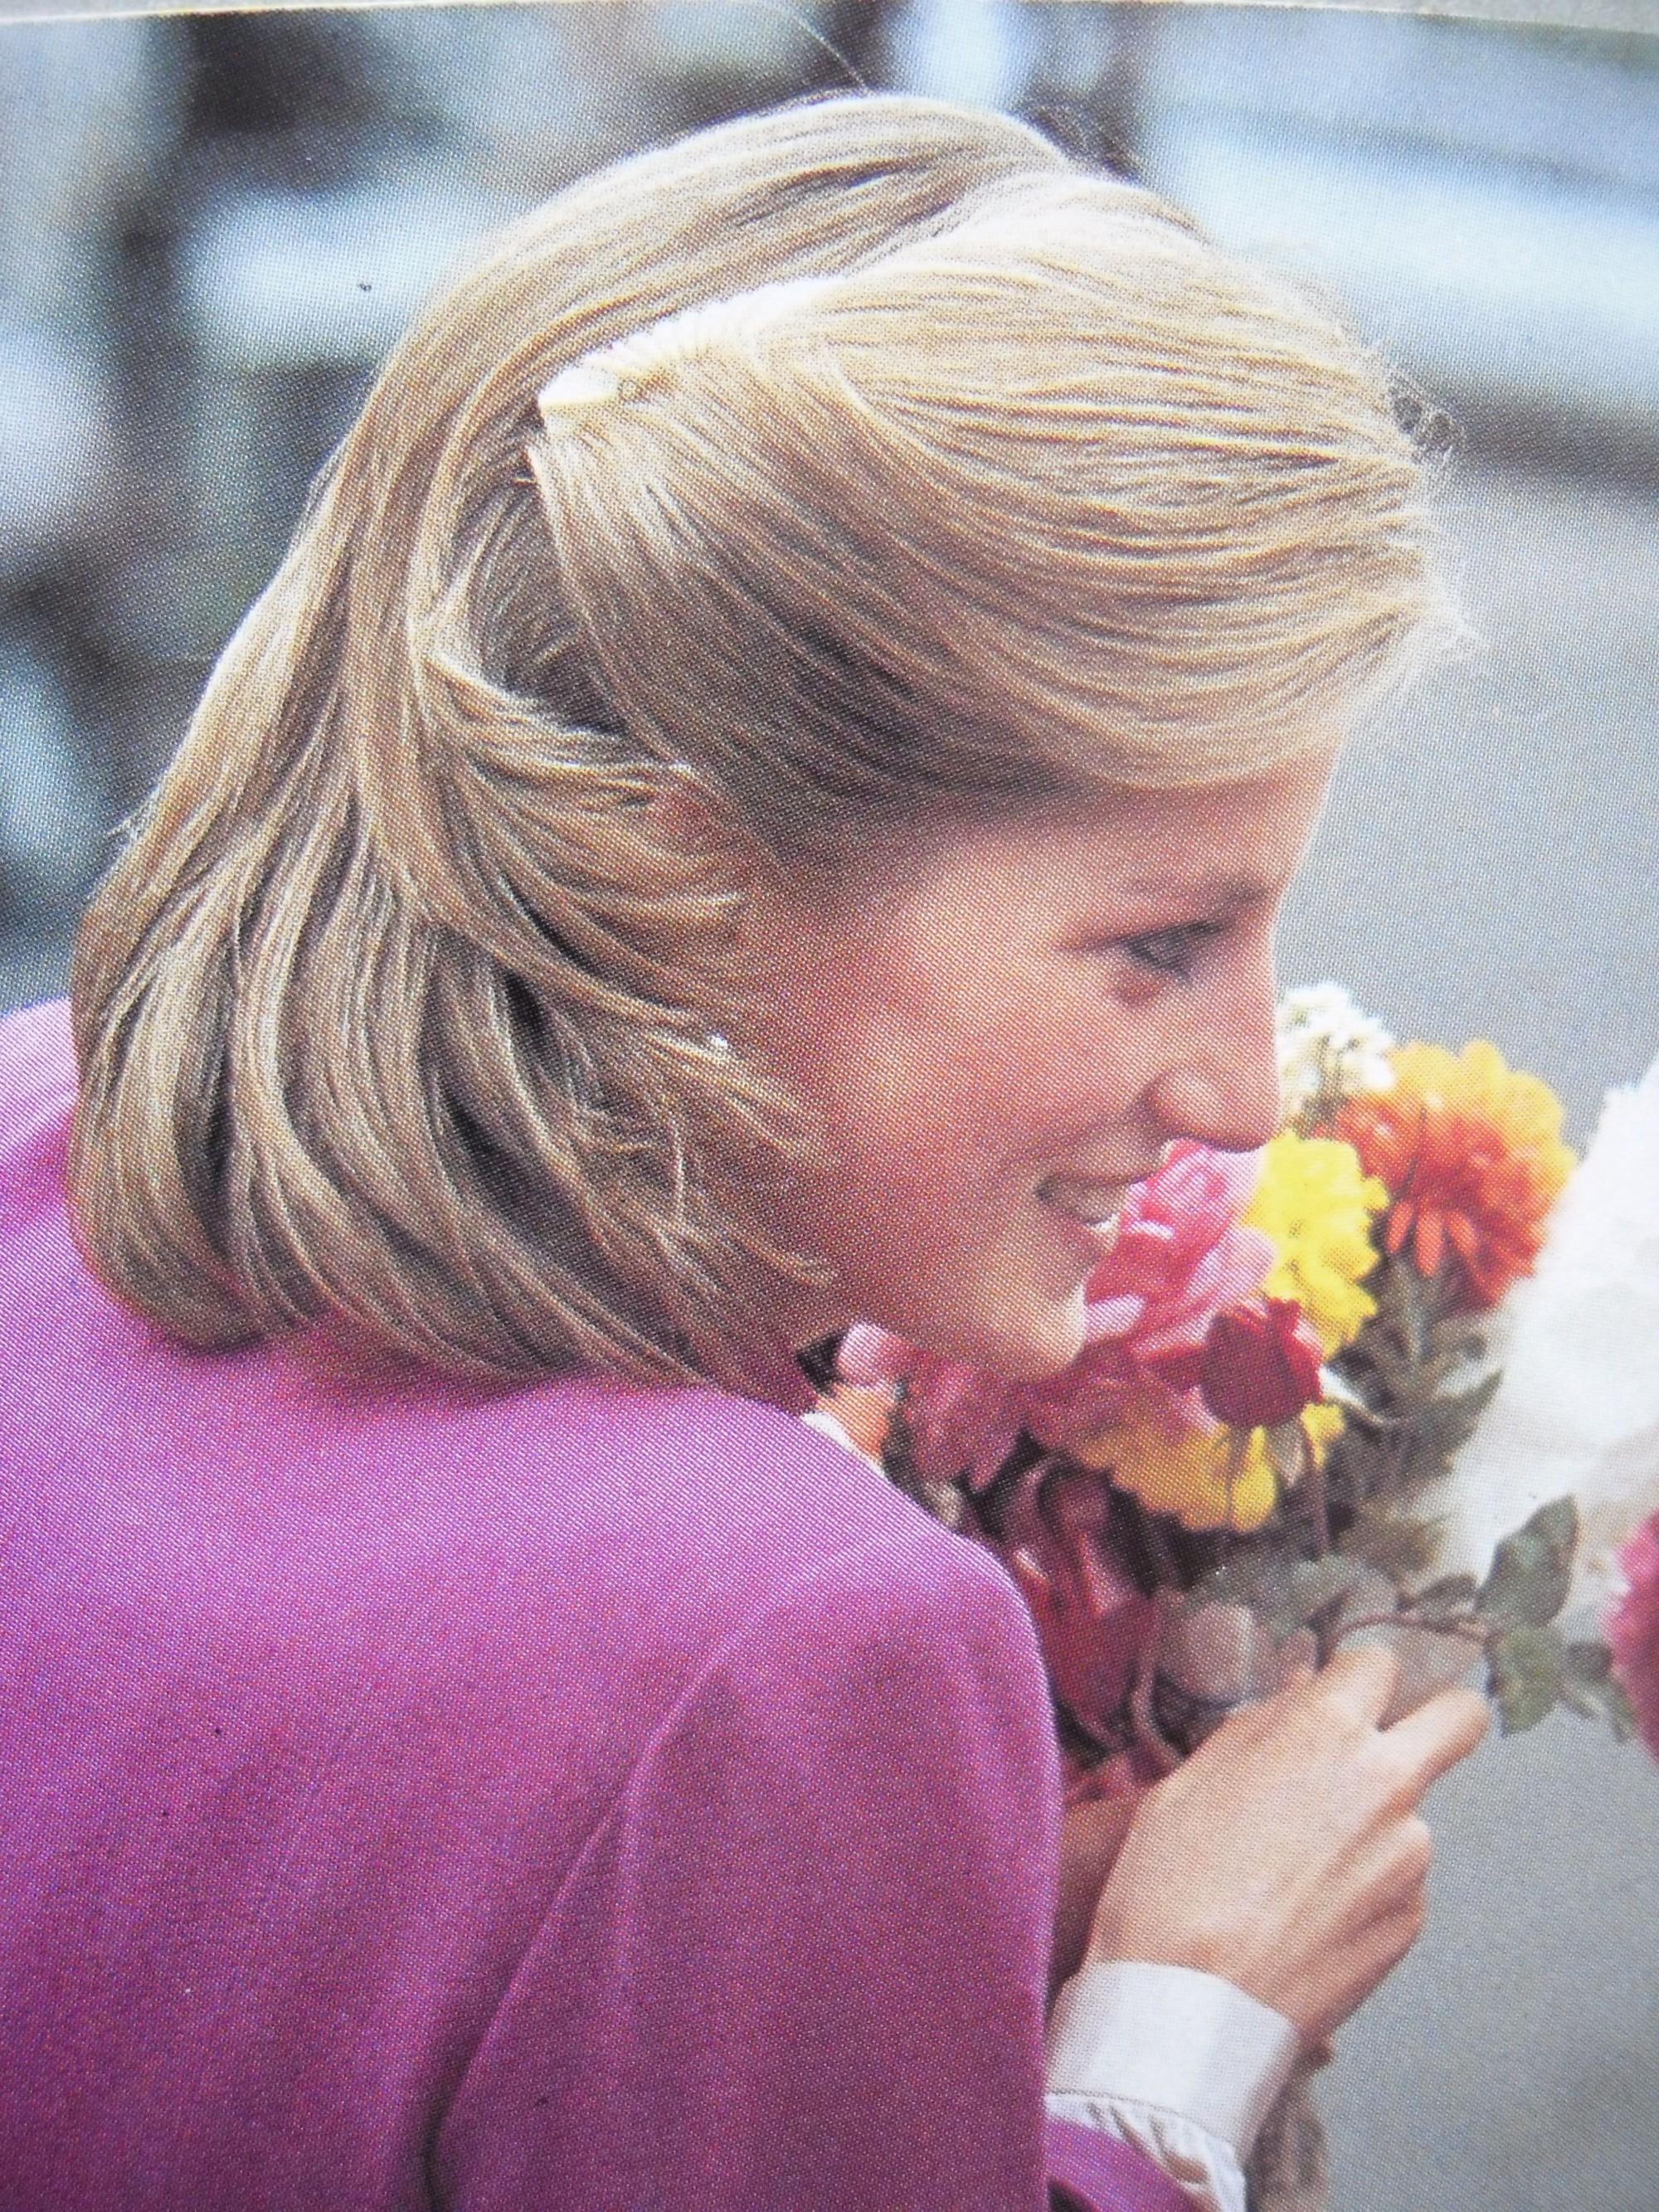 Mấy ai để ý rằng Công nương Diana cũng có một thời để tóc lỡ vai đầy dịu dàng và trang nhã đến vậy - Ảnh 4.